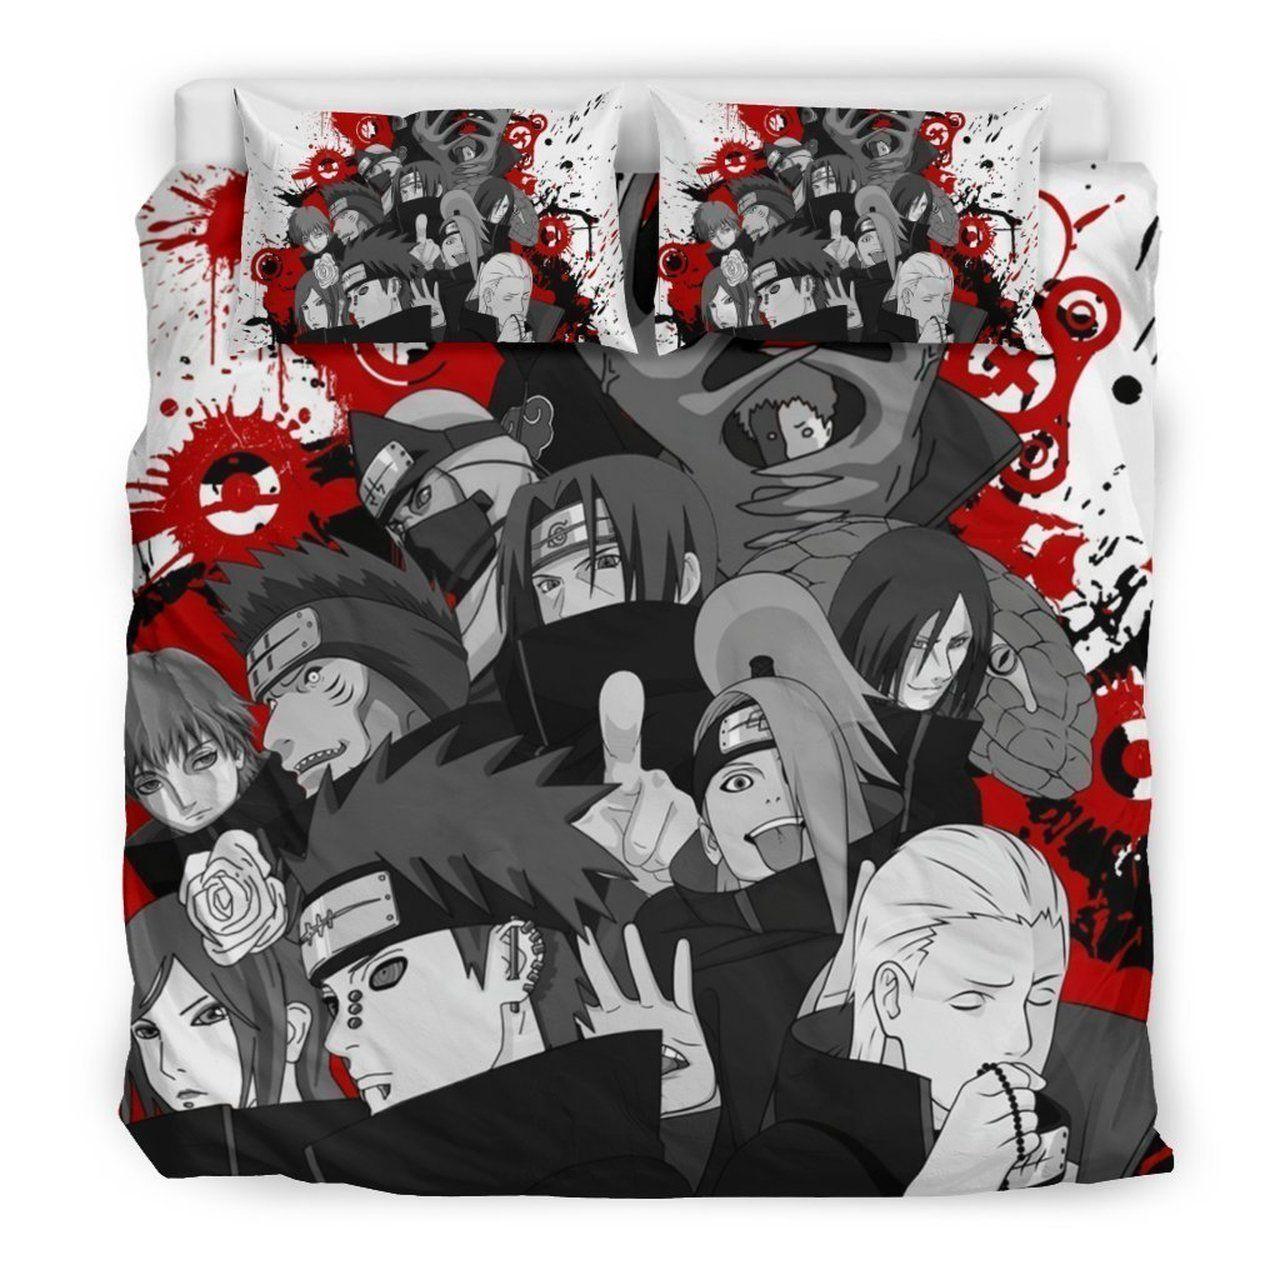 Naruto Shippuden Akatsuki Custom Bedding Set (Duvet Cover & Pillowcases)